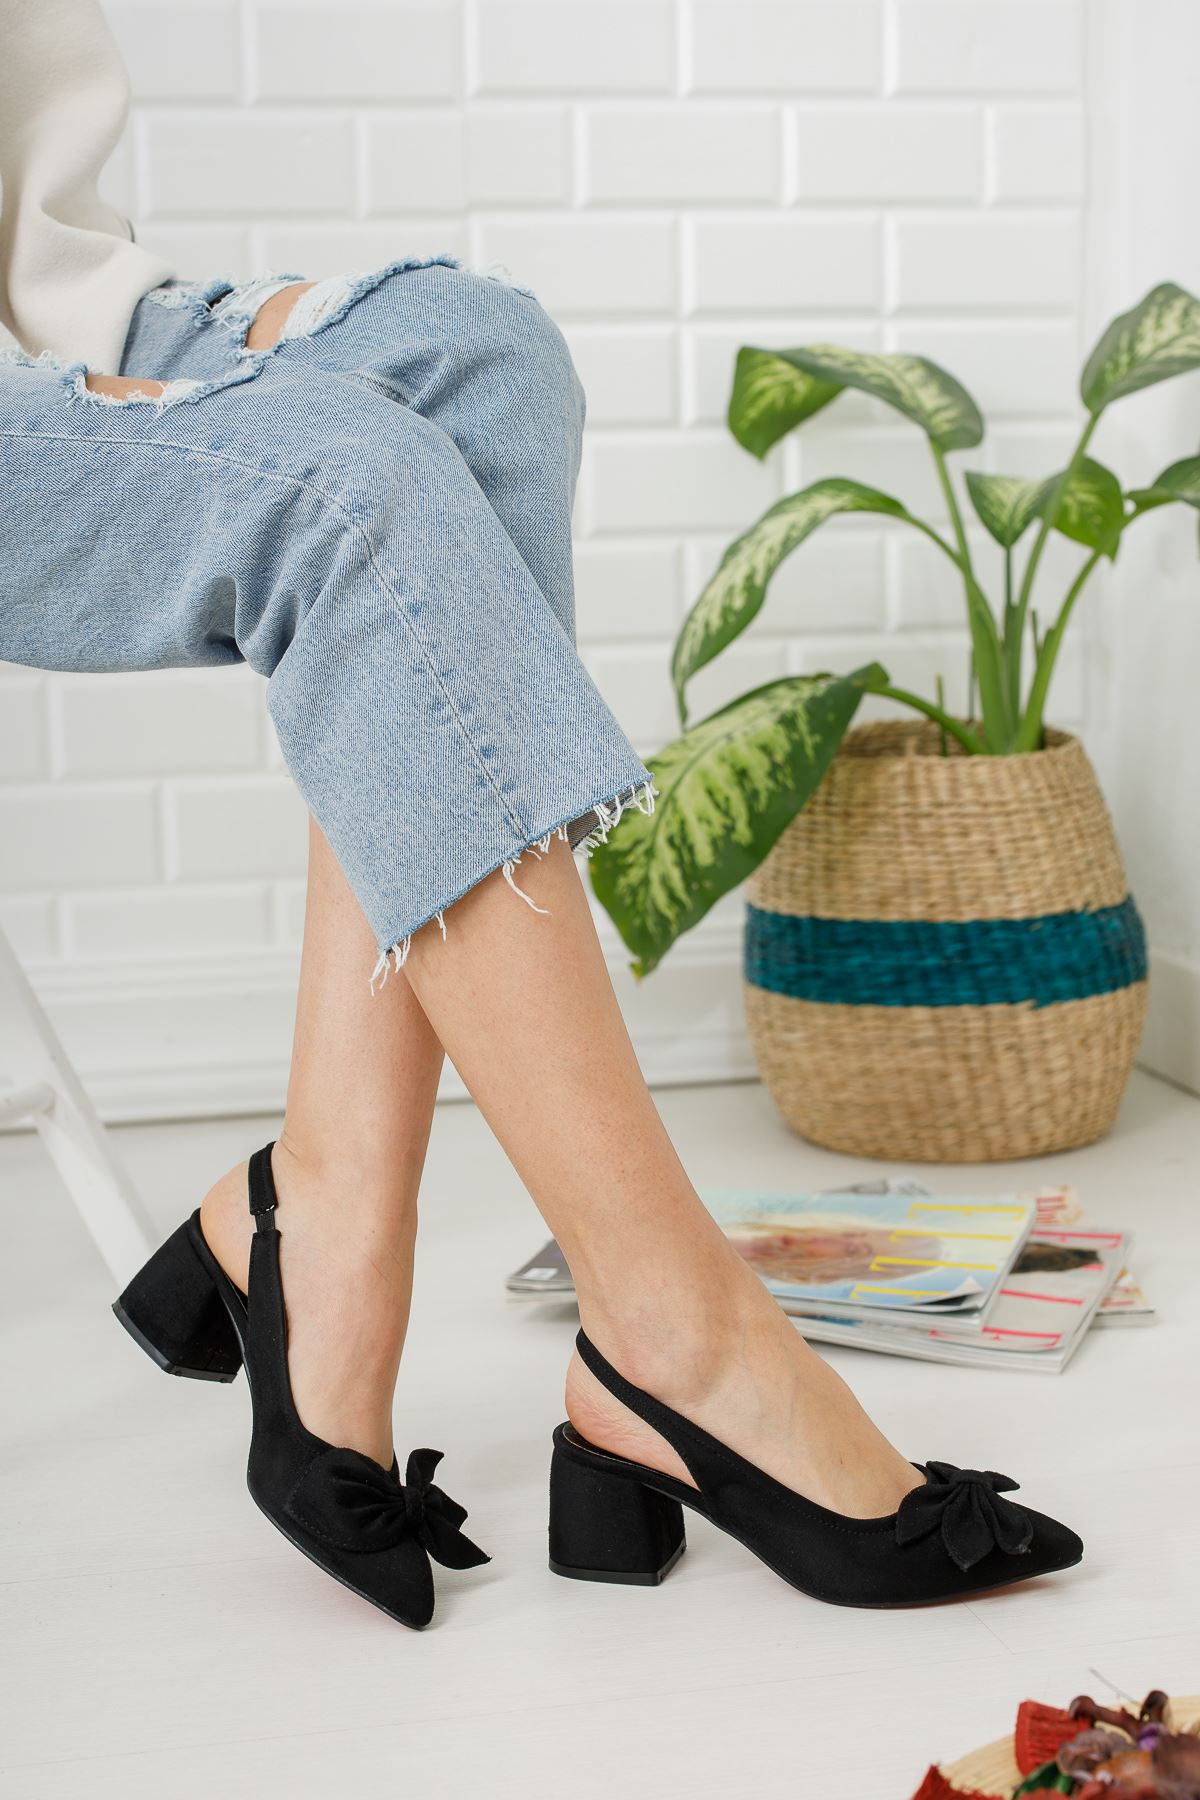 Siyah Süet Fiyonk Detaylı Topuklu Ayakkabı